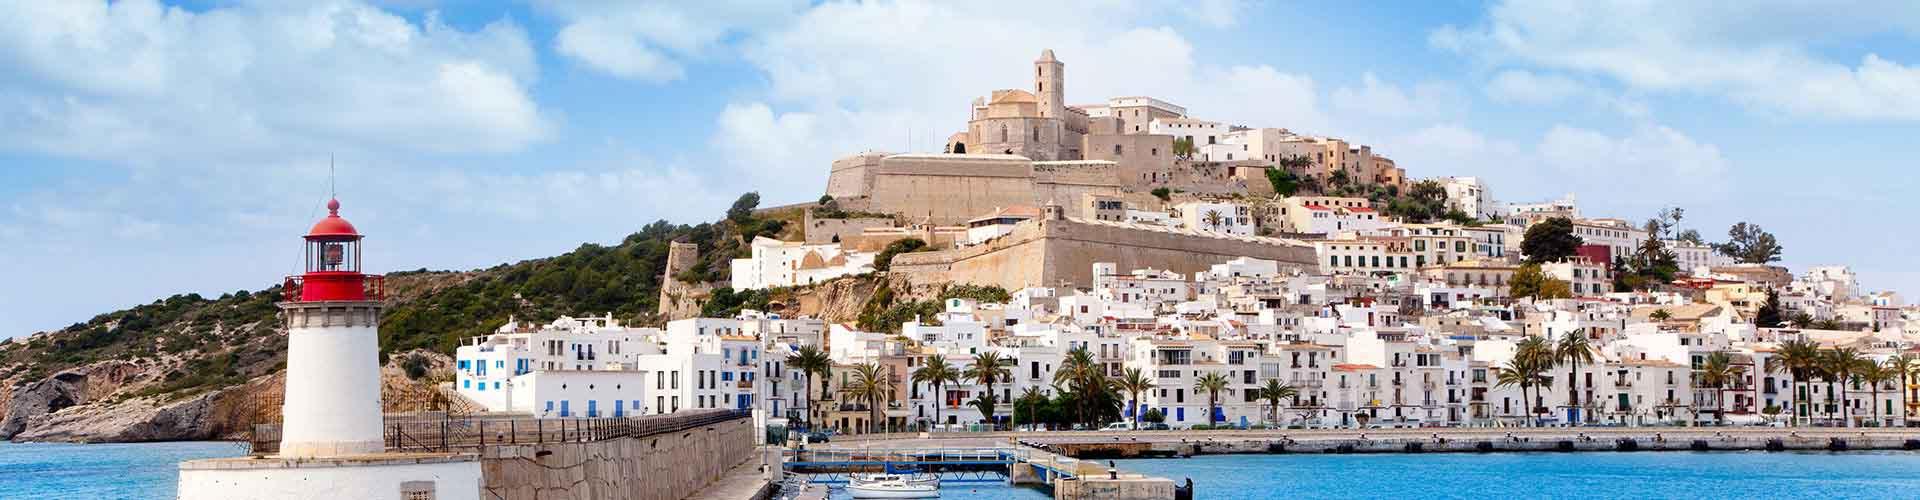 Ibiza - Hostales en Ibiza. Mapas de Ibiza, Fotos y comentarios de cada Hostal en Ibiza.